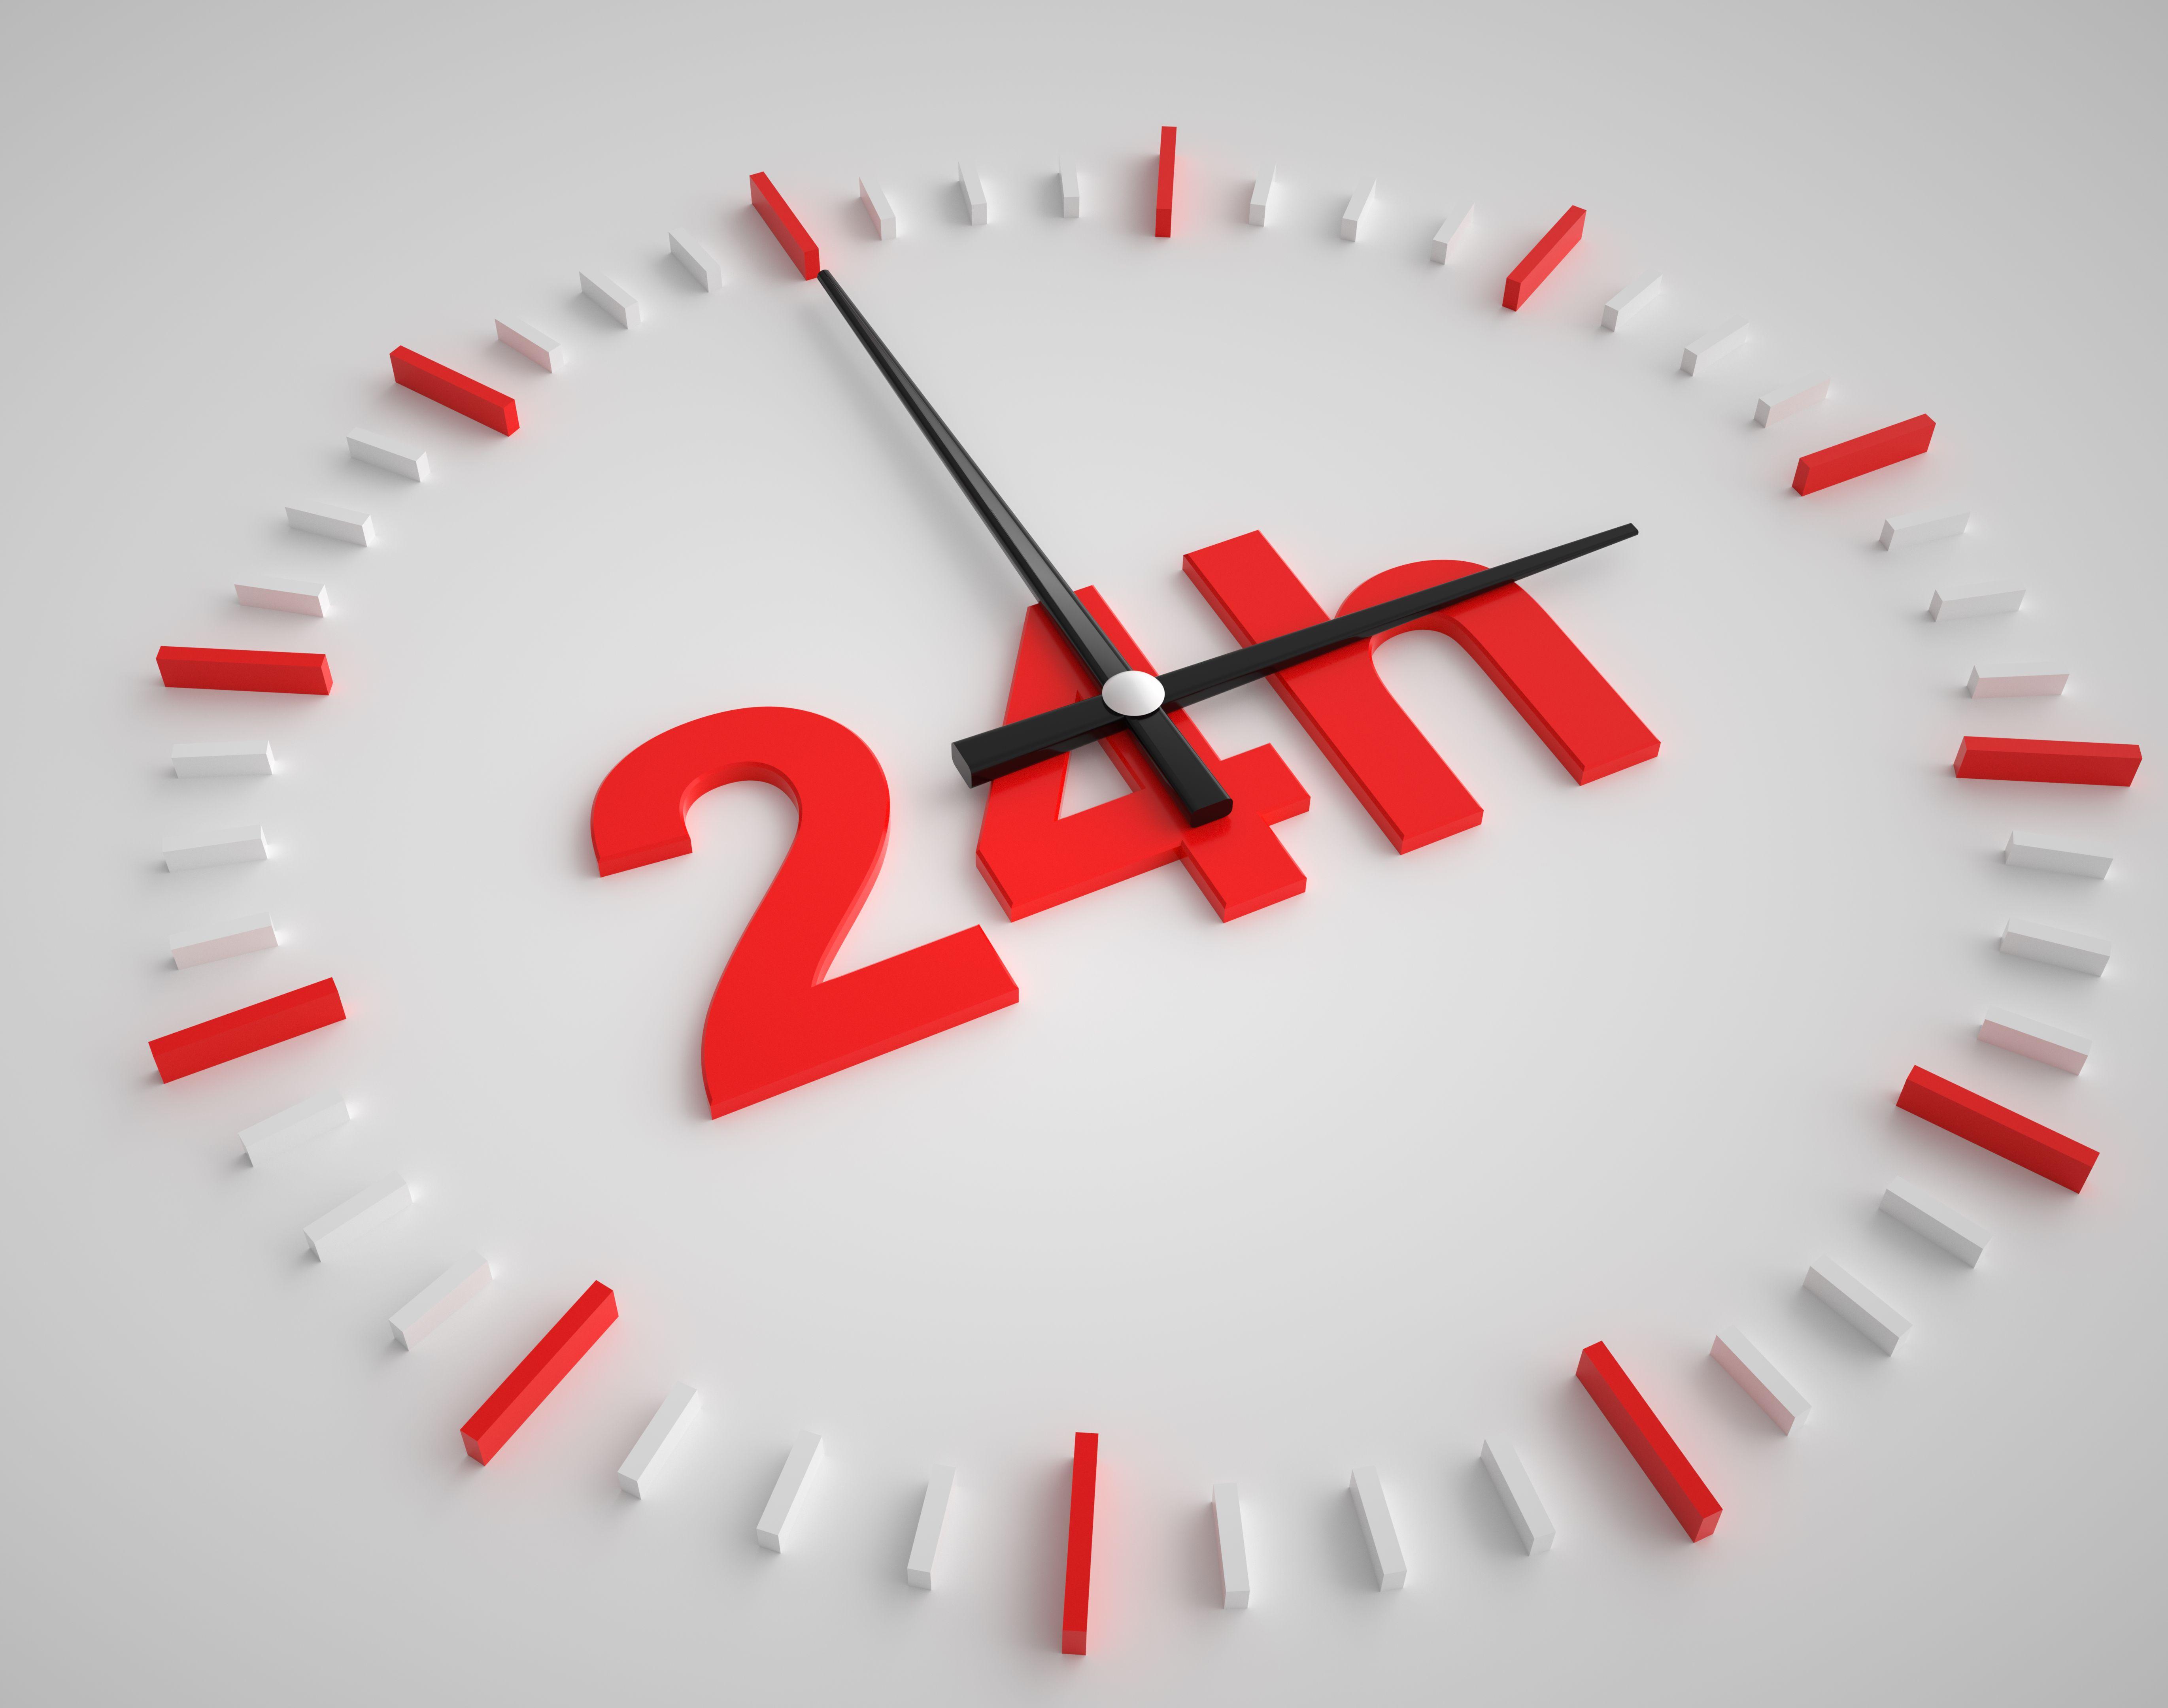 Servicio 24 horas: Servicios de Electricidad Varela